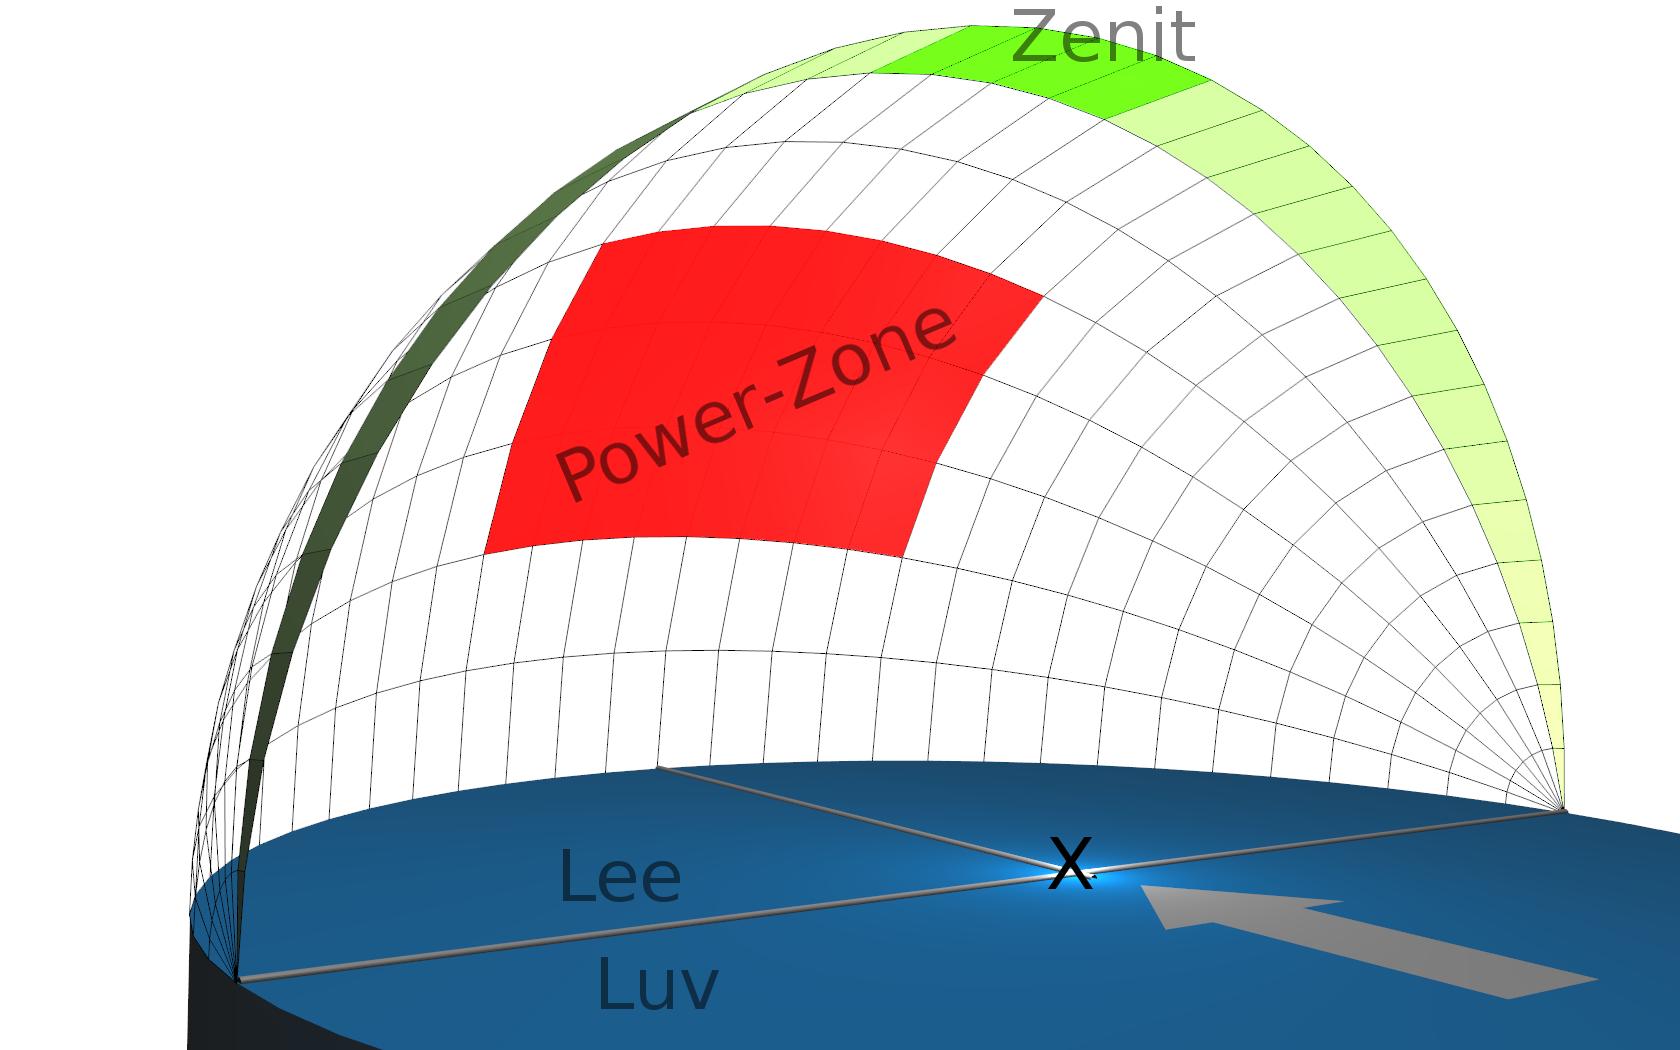 Darstellung des Windfenster mit mehreren Bereichen